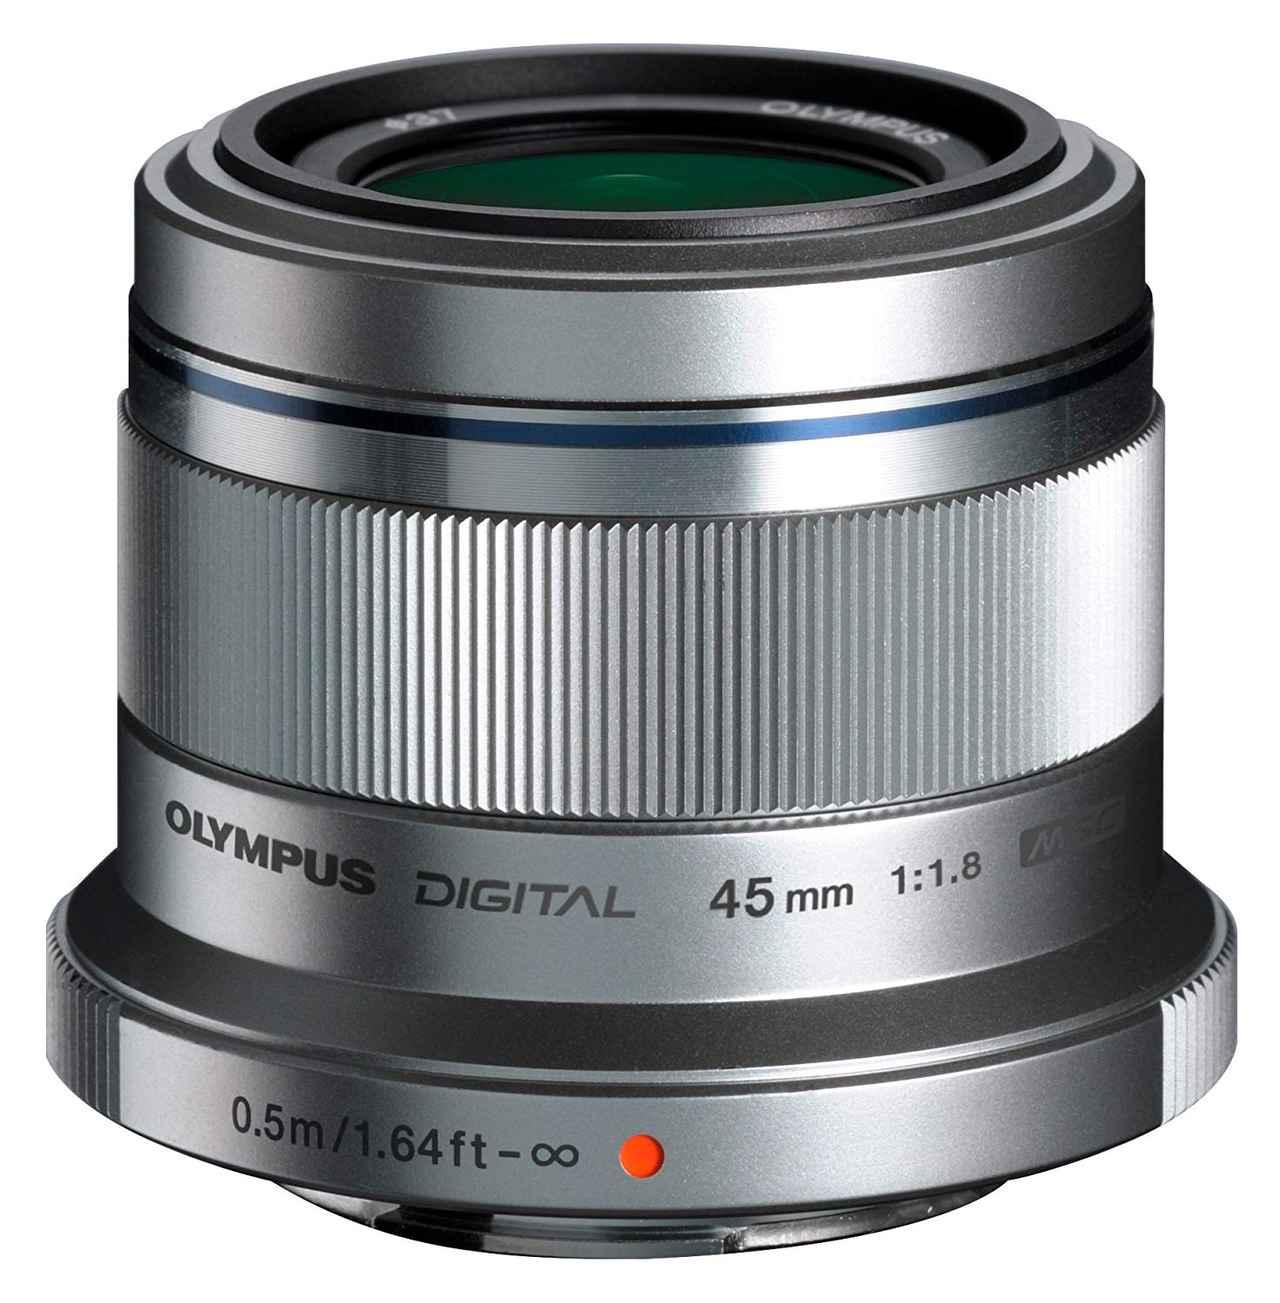 画像: OLYMPUS 単焦点レンズ M.ZUIKO DIGITAL 45mm F1.8 シルバー